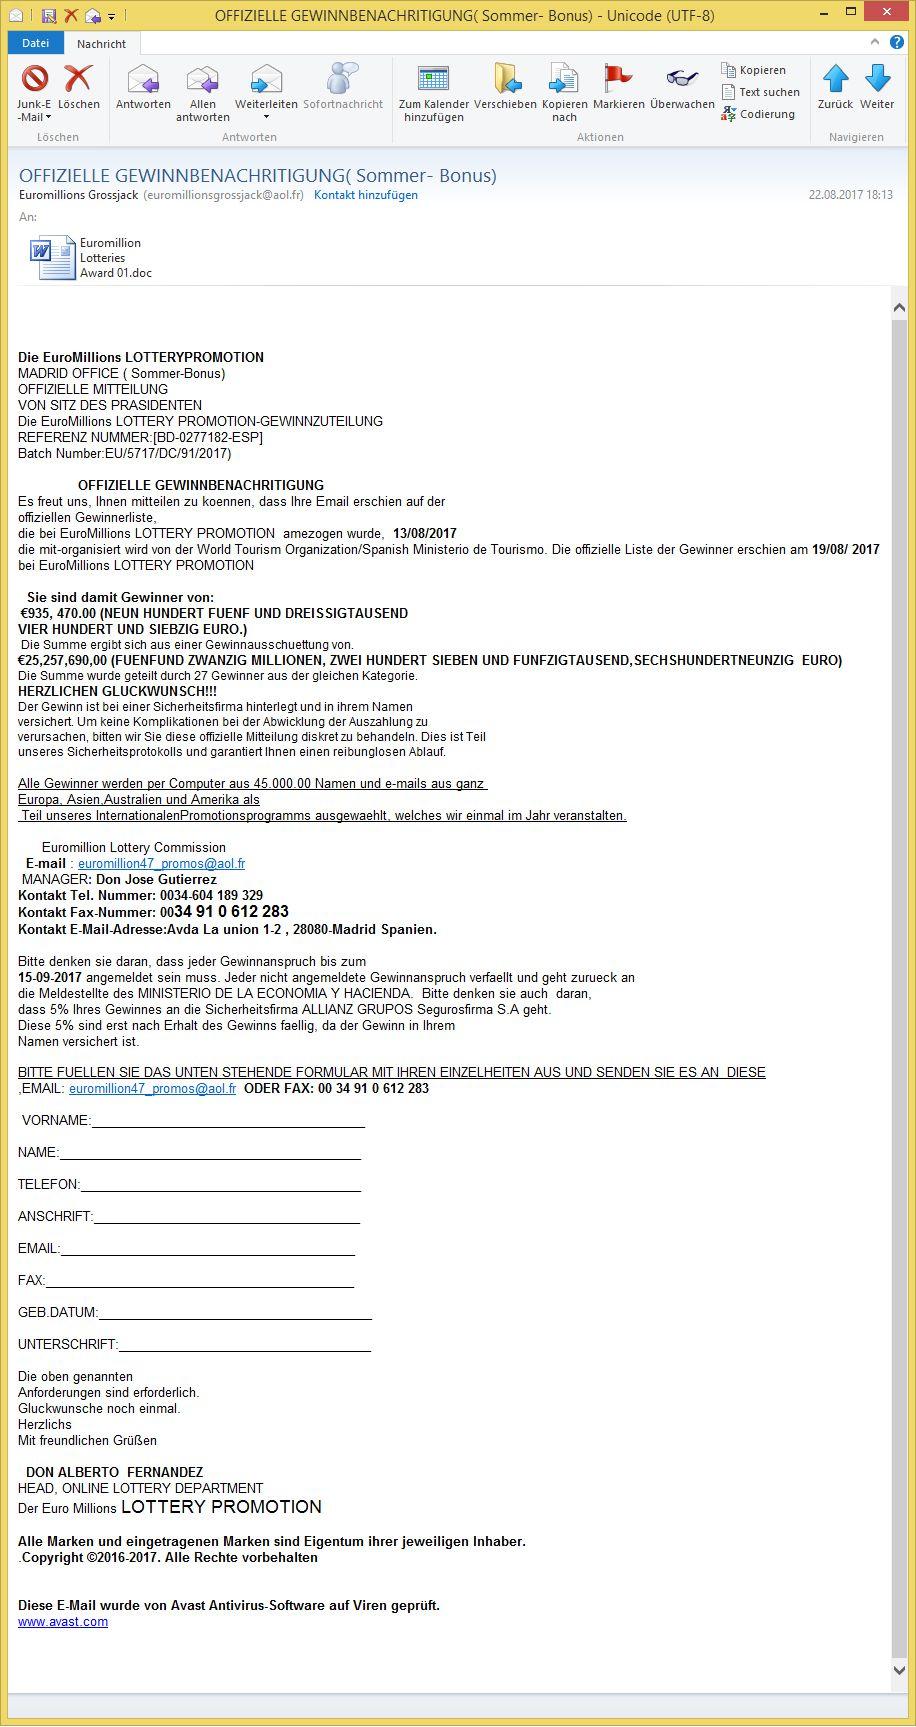 Fantastisch Sende Das Lebenslauf Format Fotos - Entry Level Resume ...